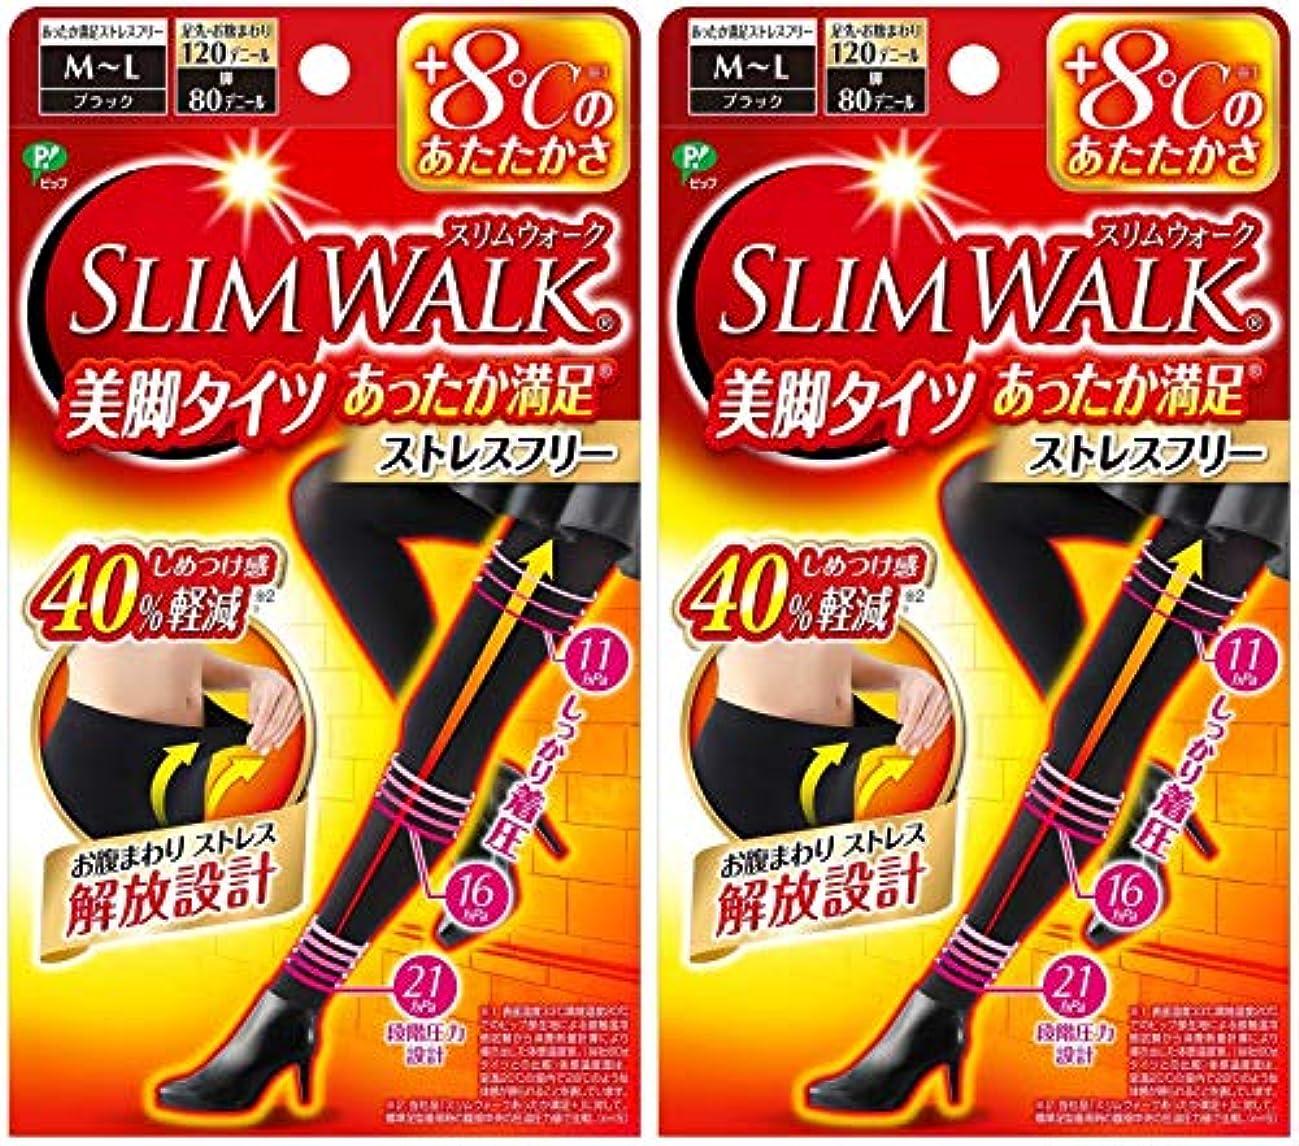 ギャロップ捧げる放送【2個セット】 スリムウォーク (SLIM WALK) 美脚タイツ あったか満足 おそと用 M~Lサイズ